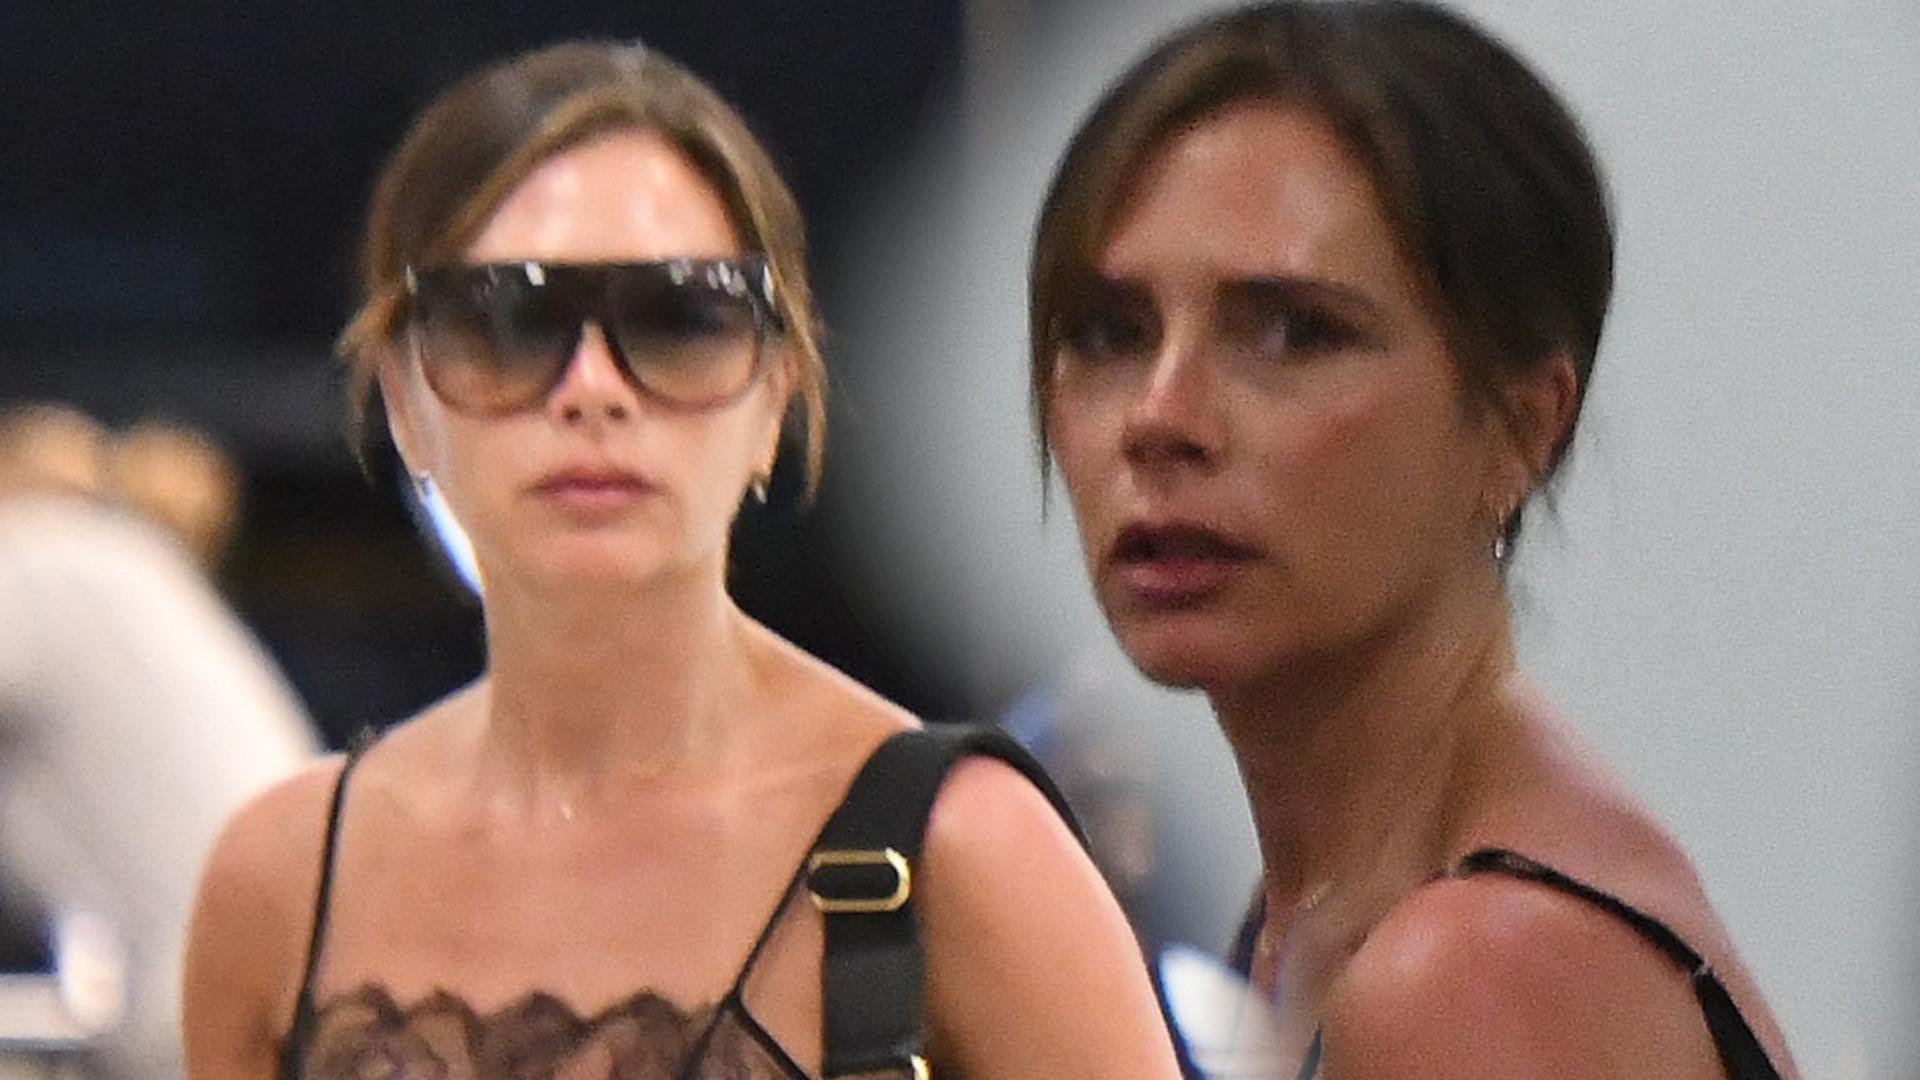 WOW! Tak odważna już dawno nie była – Victoria Beckham w seksownej sukience na lotnisku (ZDJĘCIA)